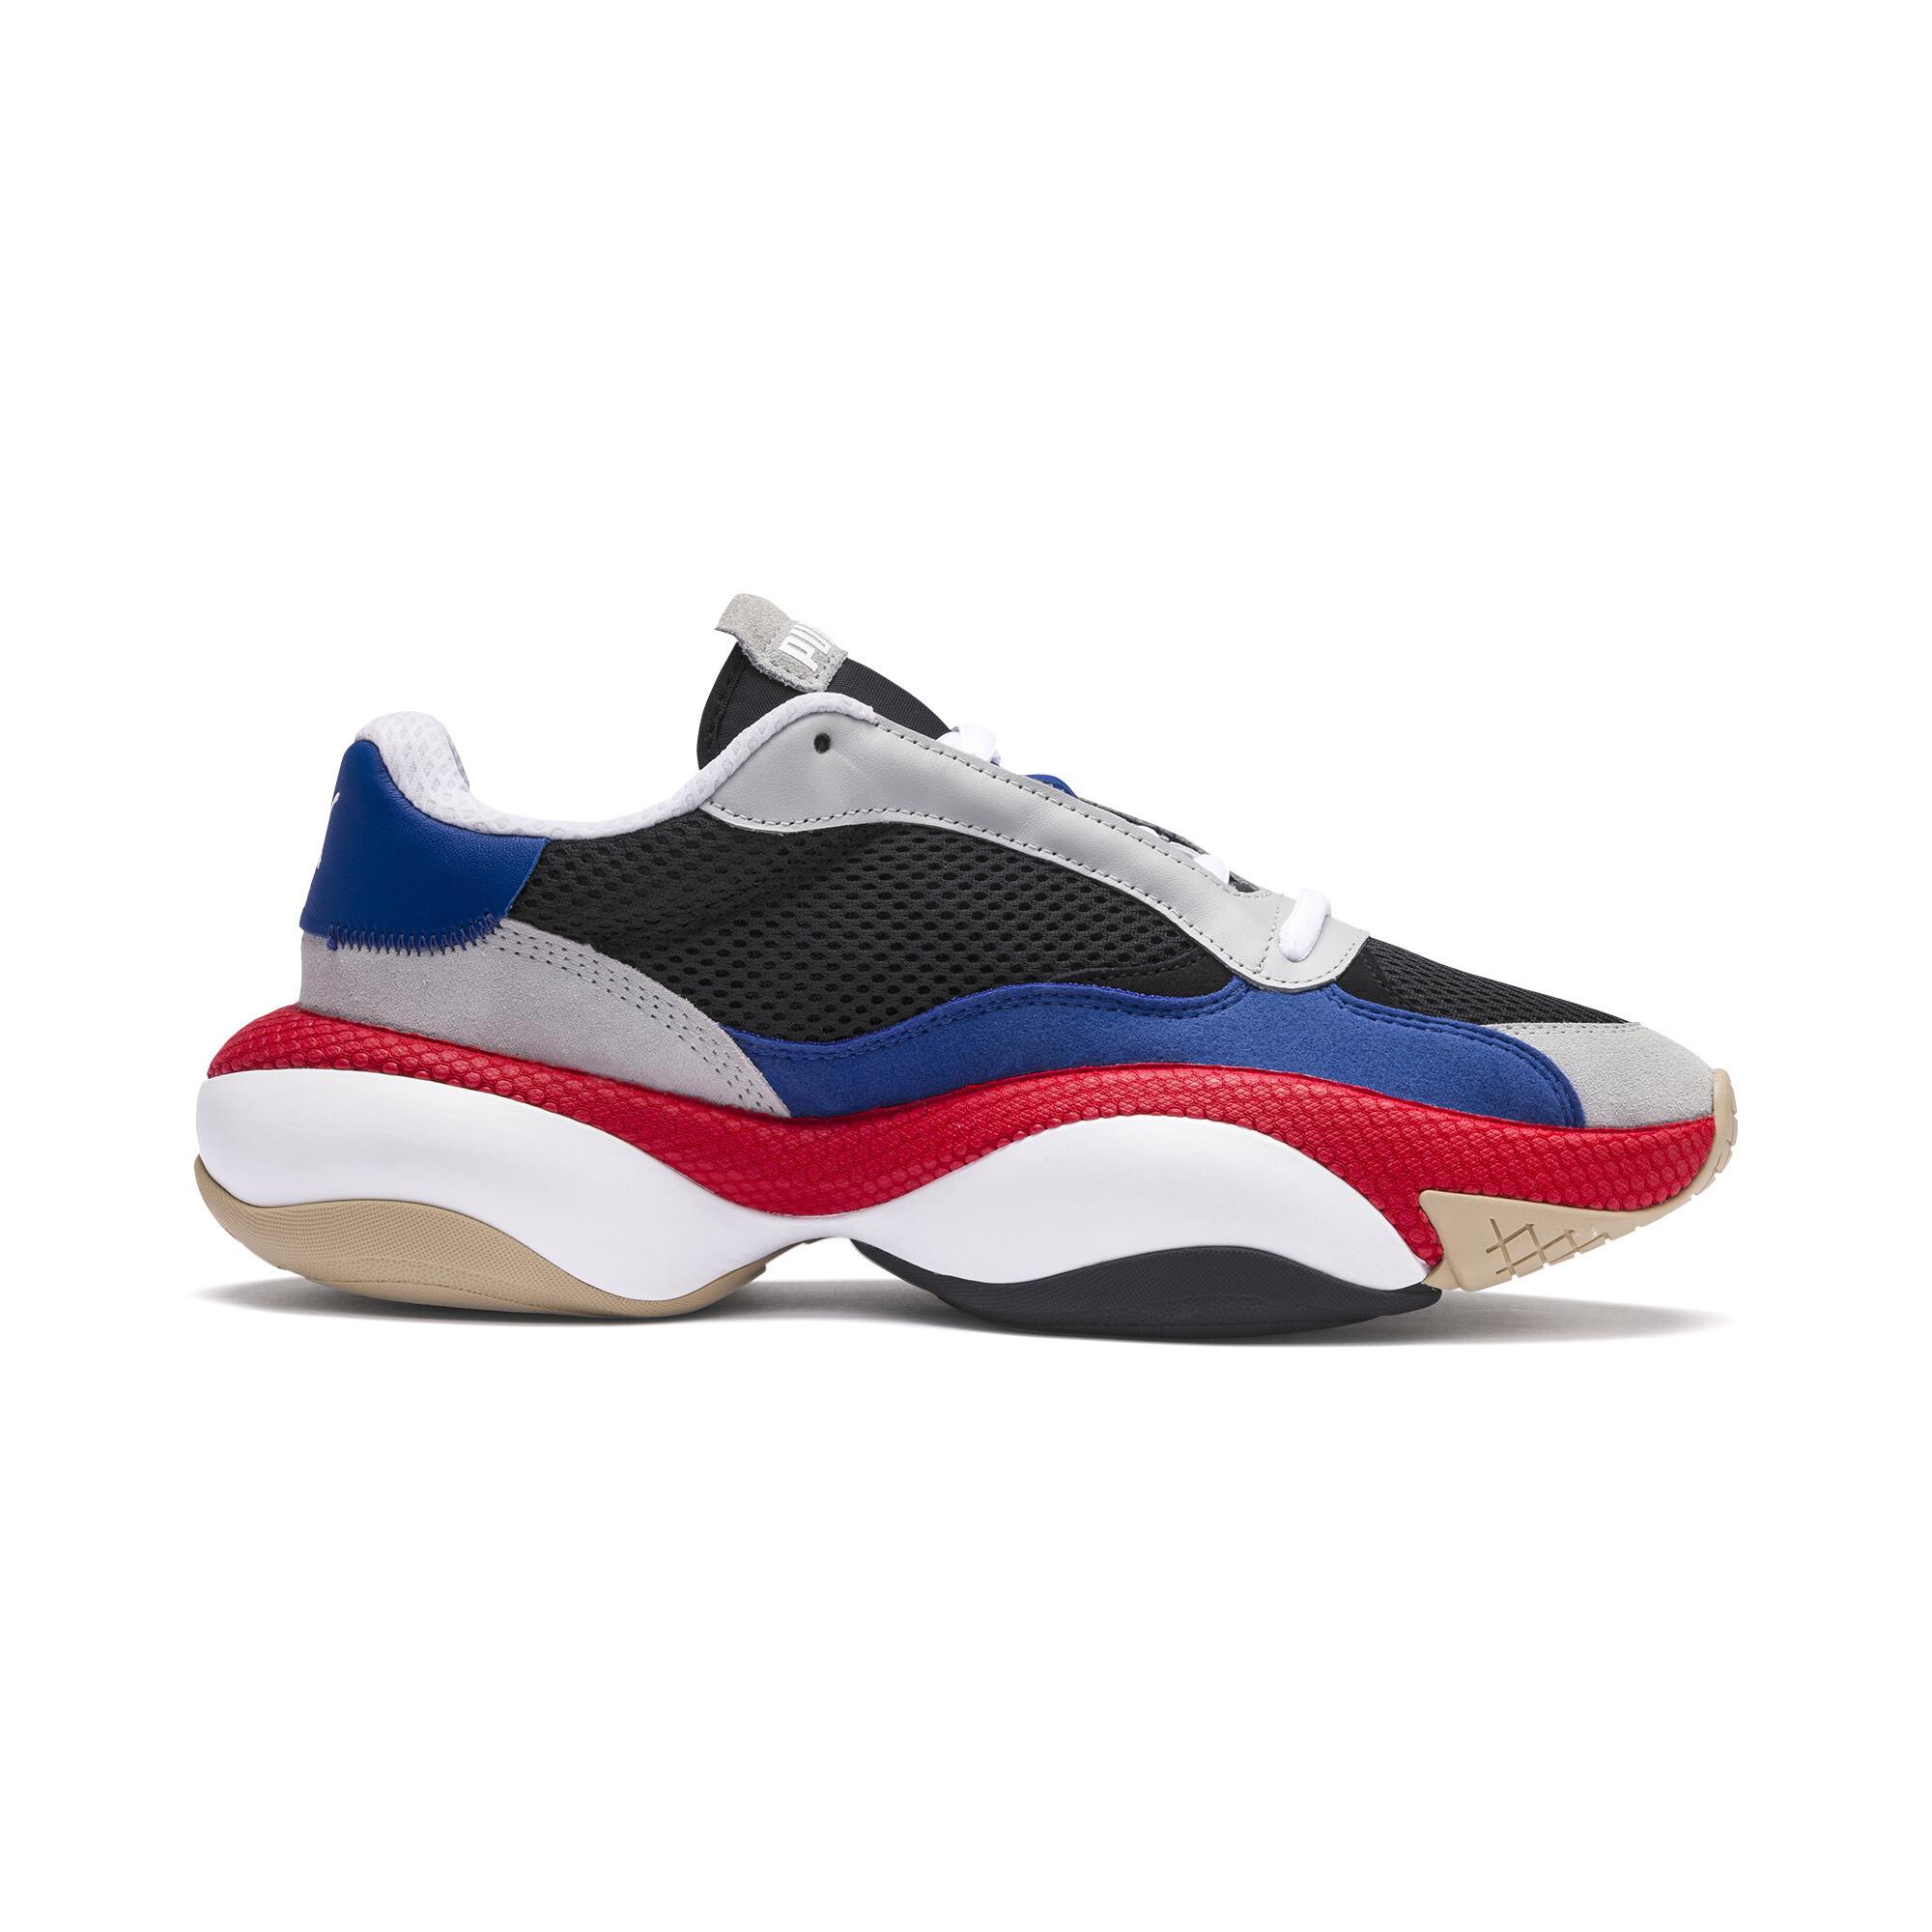 PUMA-Alteration-Kurve-Sneakers-Unisex-Shoe thumbnail 6